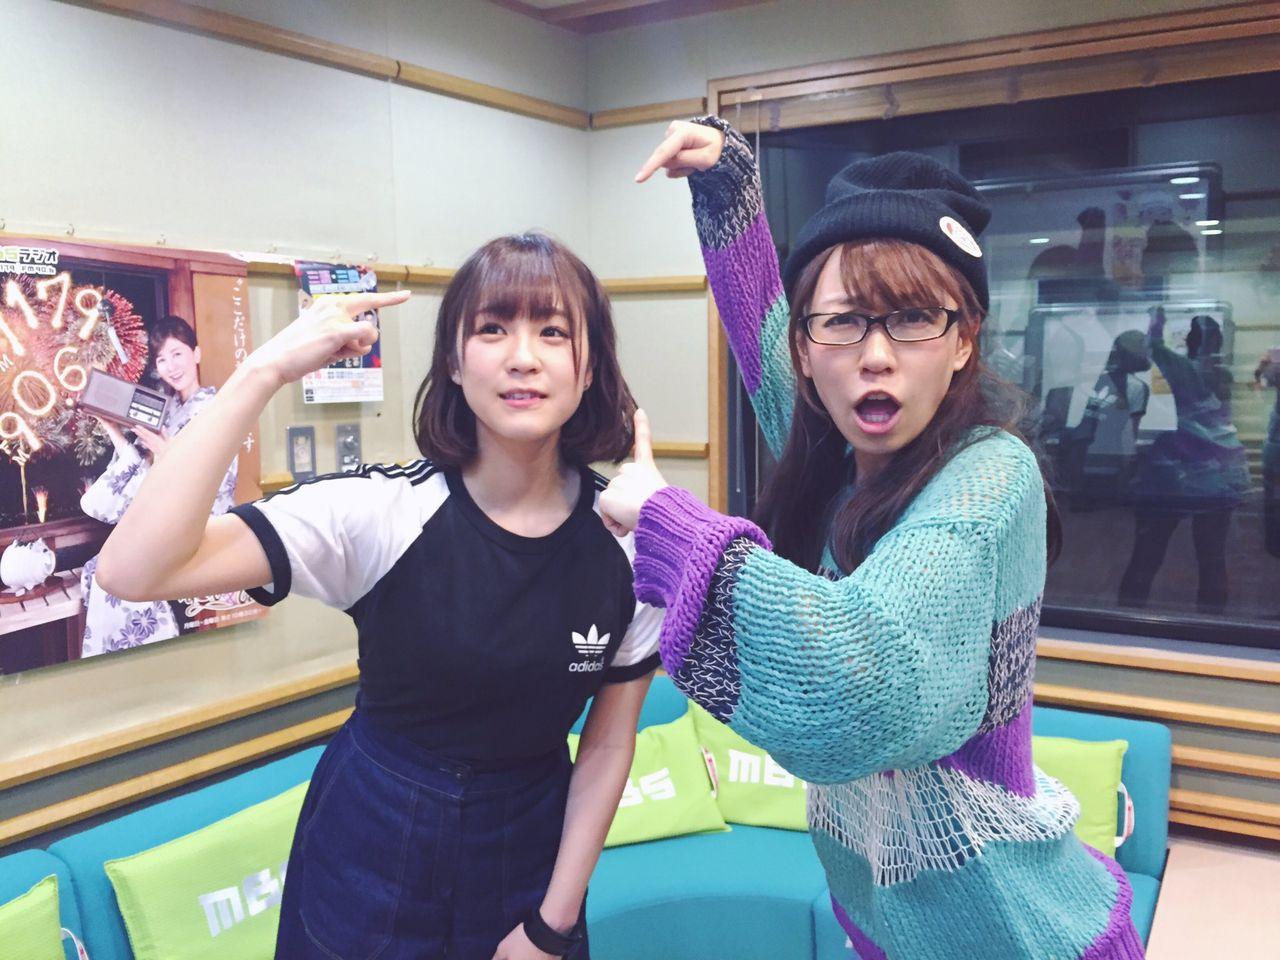 MBSラジオ『桜 稲垣早希のアニメ・アイドルスタジオ』NMB48三田麻央新レギュラー初回実況まとめ